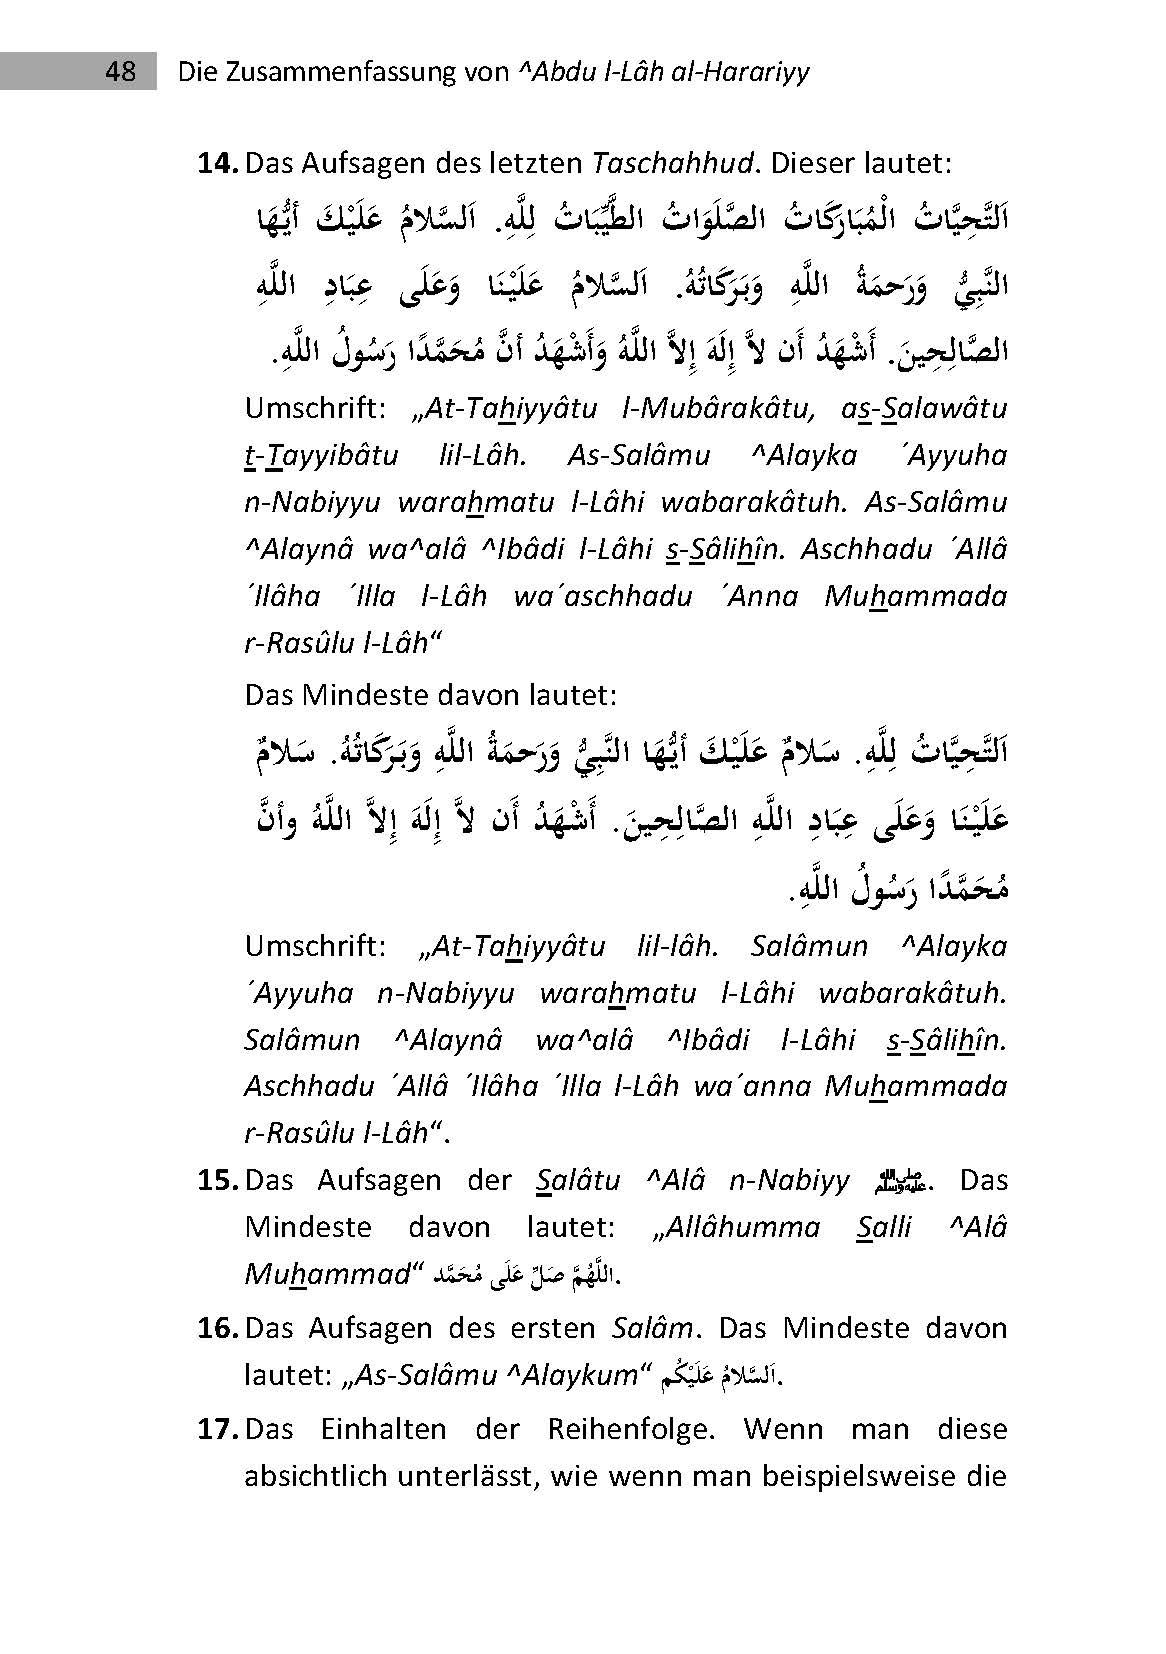 Die Zusammenfassung - 3. Auflage 2014_Seite_48